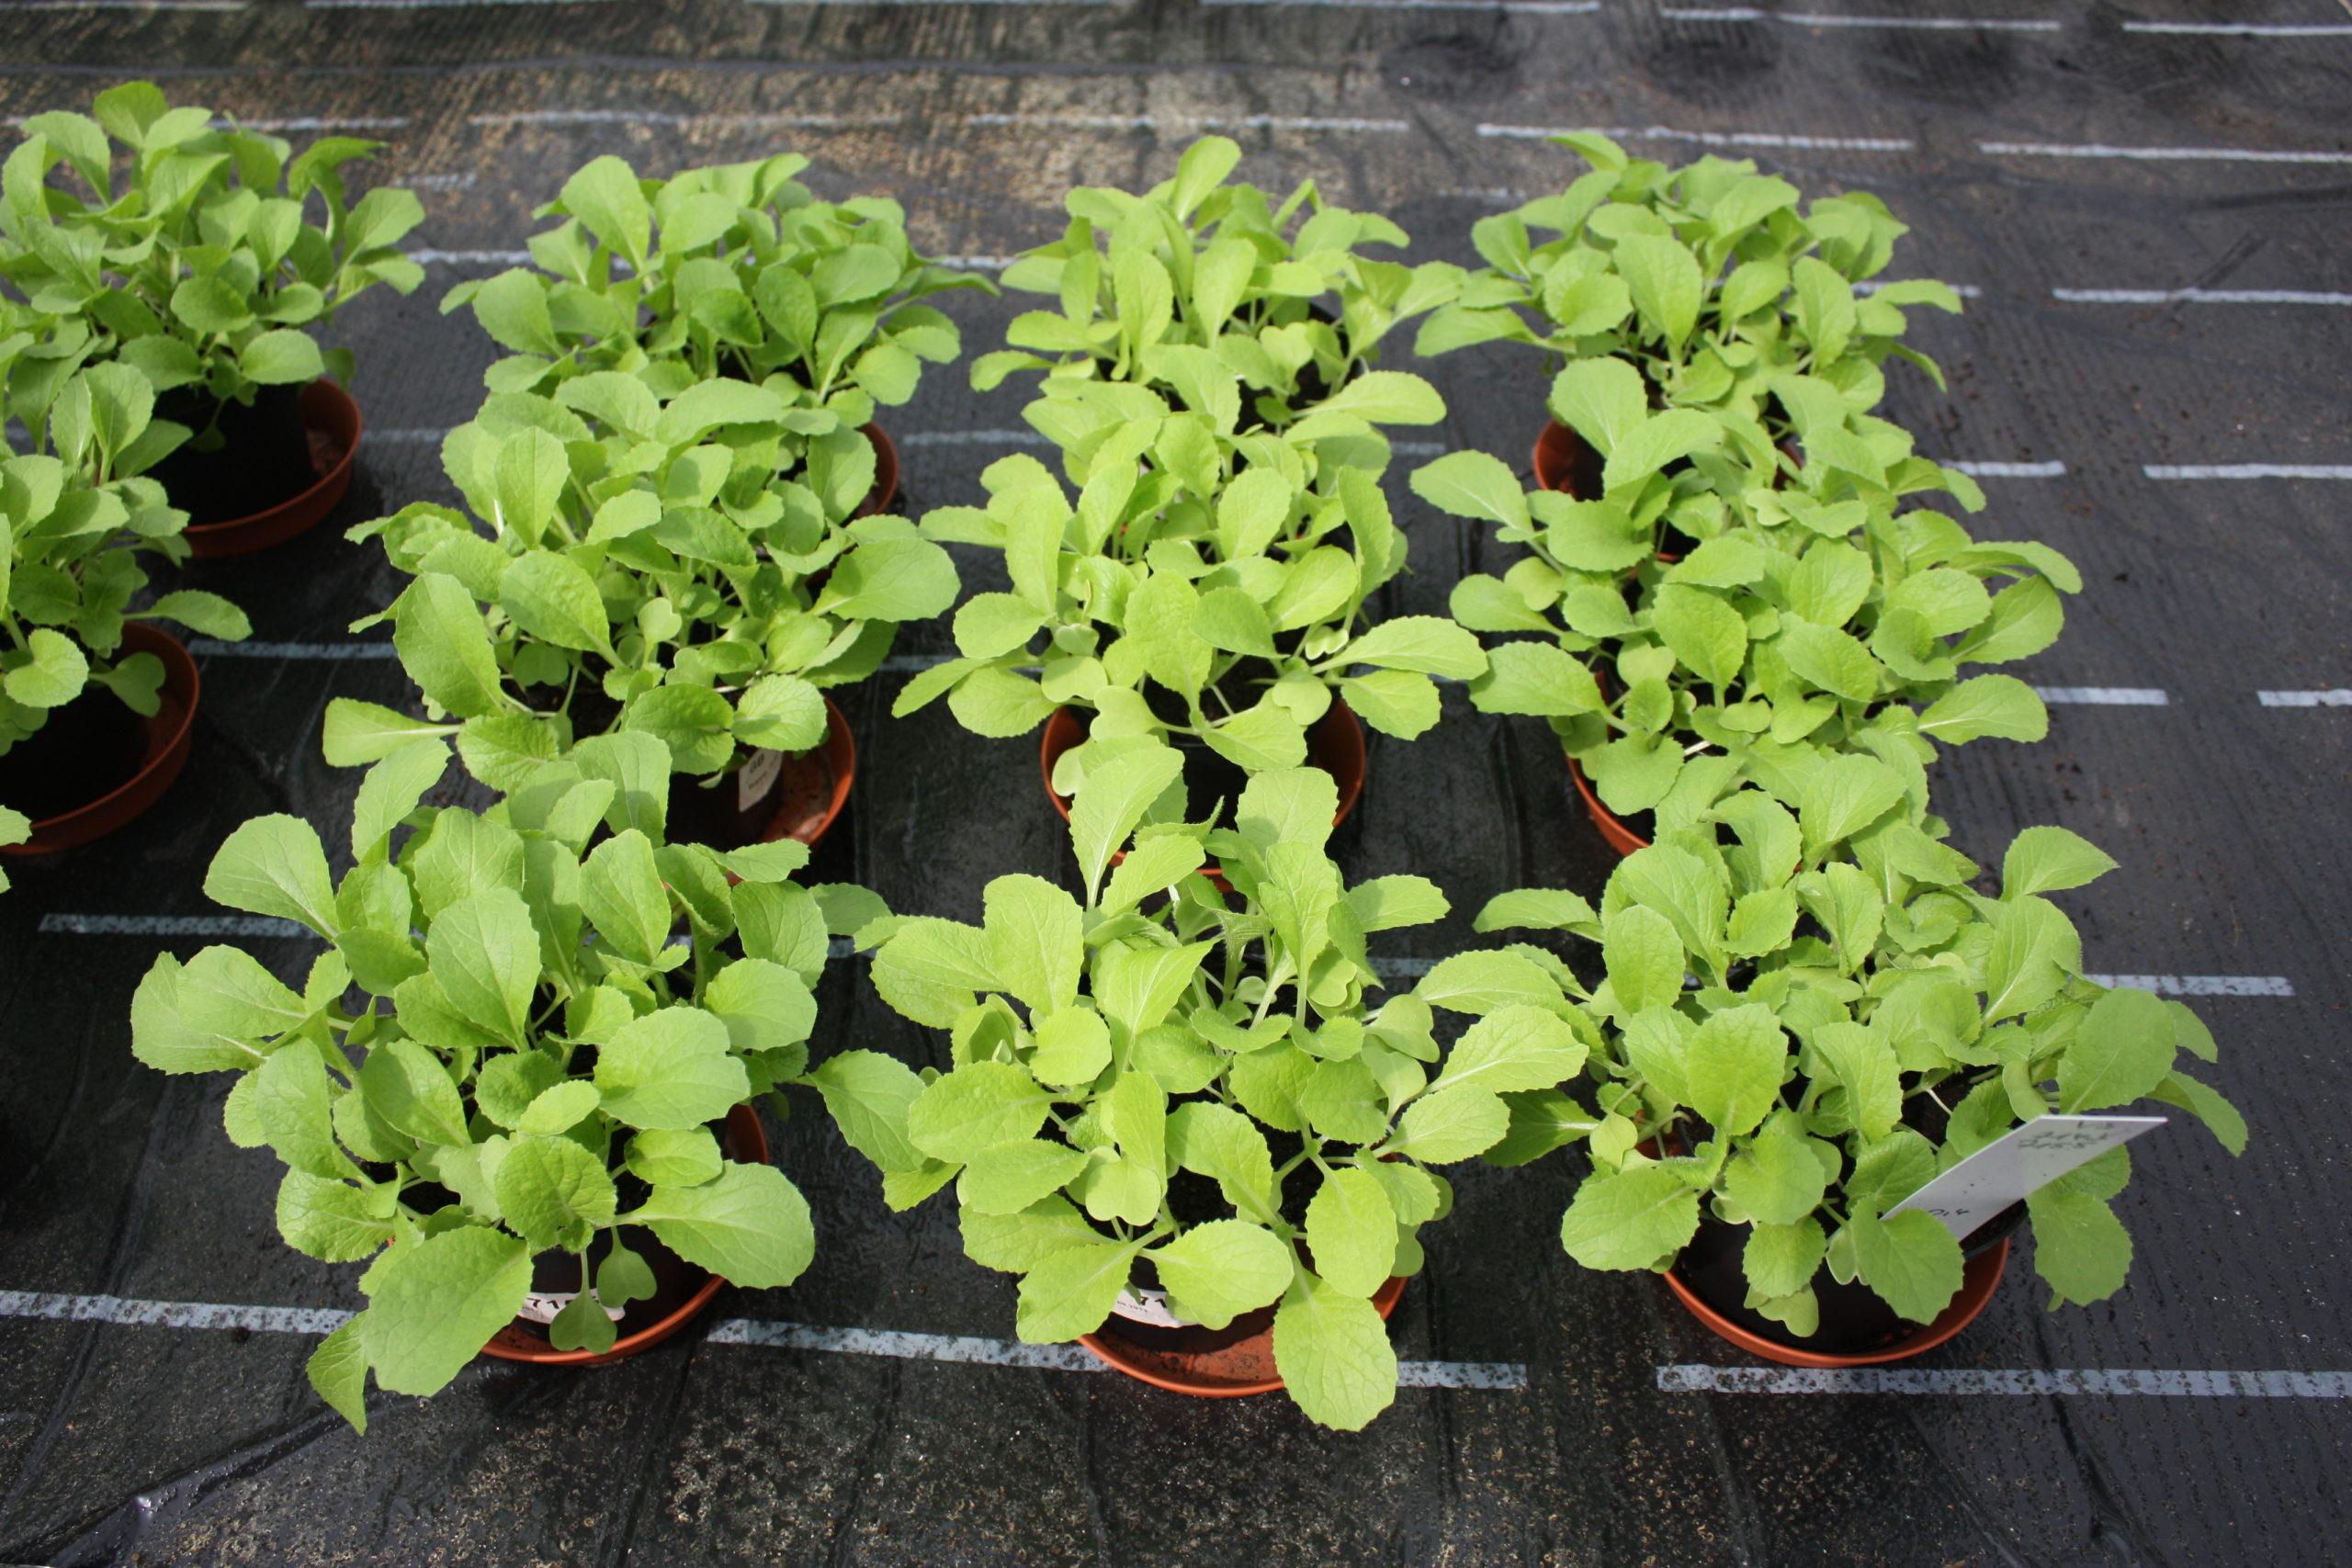 Keimpflanzentest - RAL Gütezeichen Substrate für Pflanzen